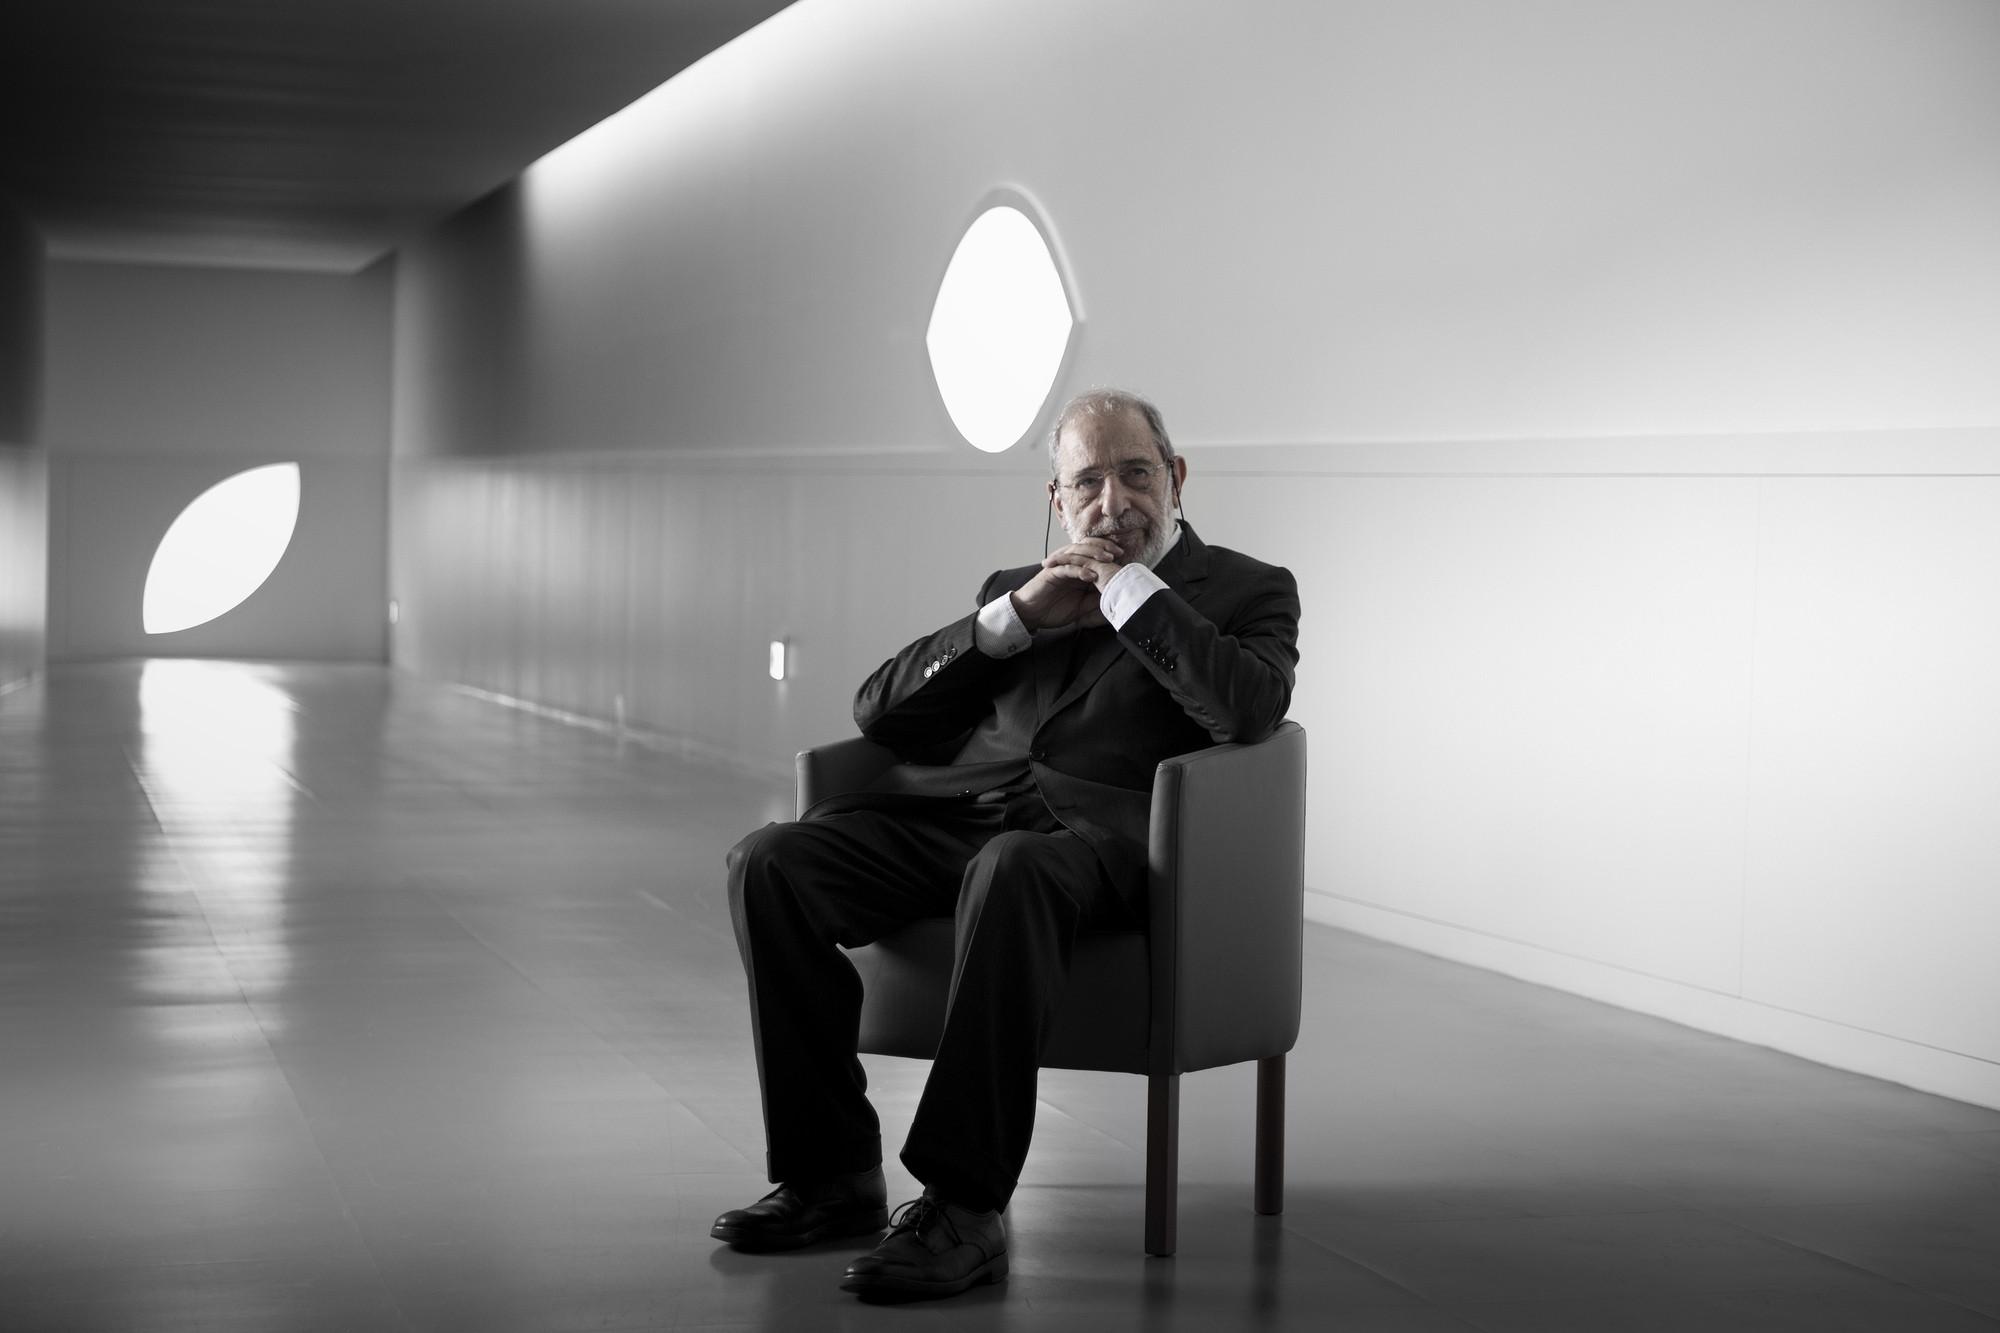 Casa da Arquitectura promove lançamento de livro sobre Álvaro Siza, em Matosinhos, Álvaro Siza. Image © Fernando Guerra | FG+SG